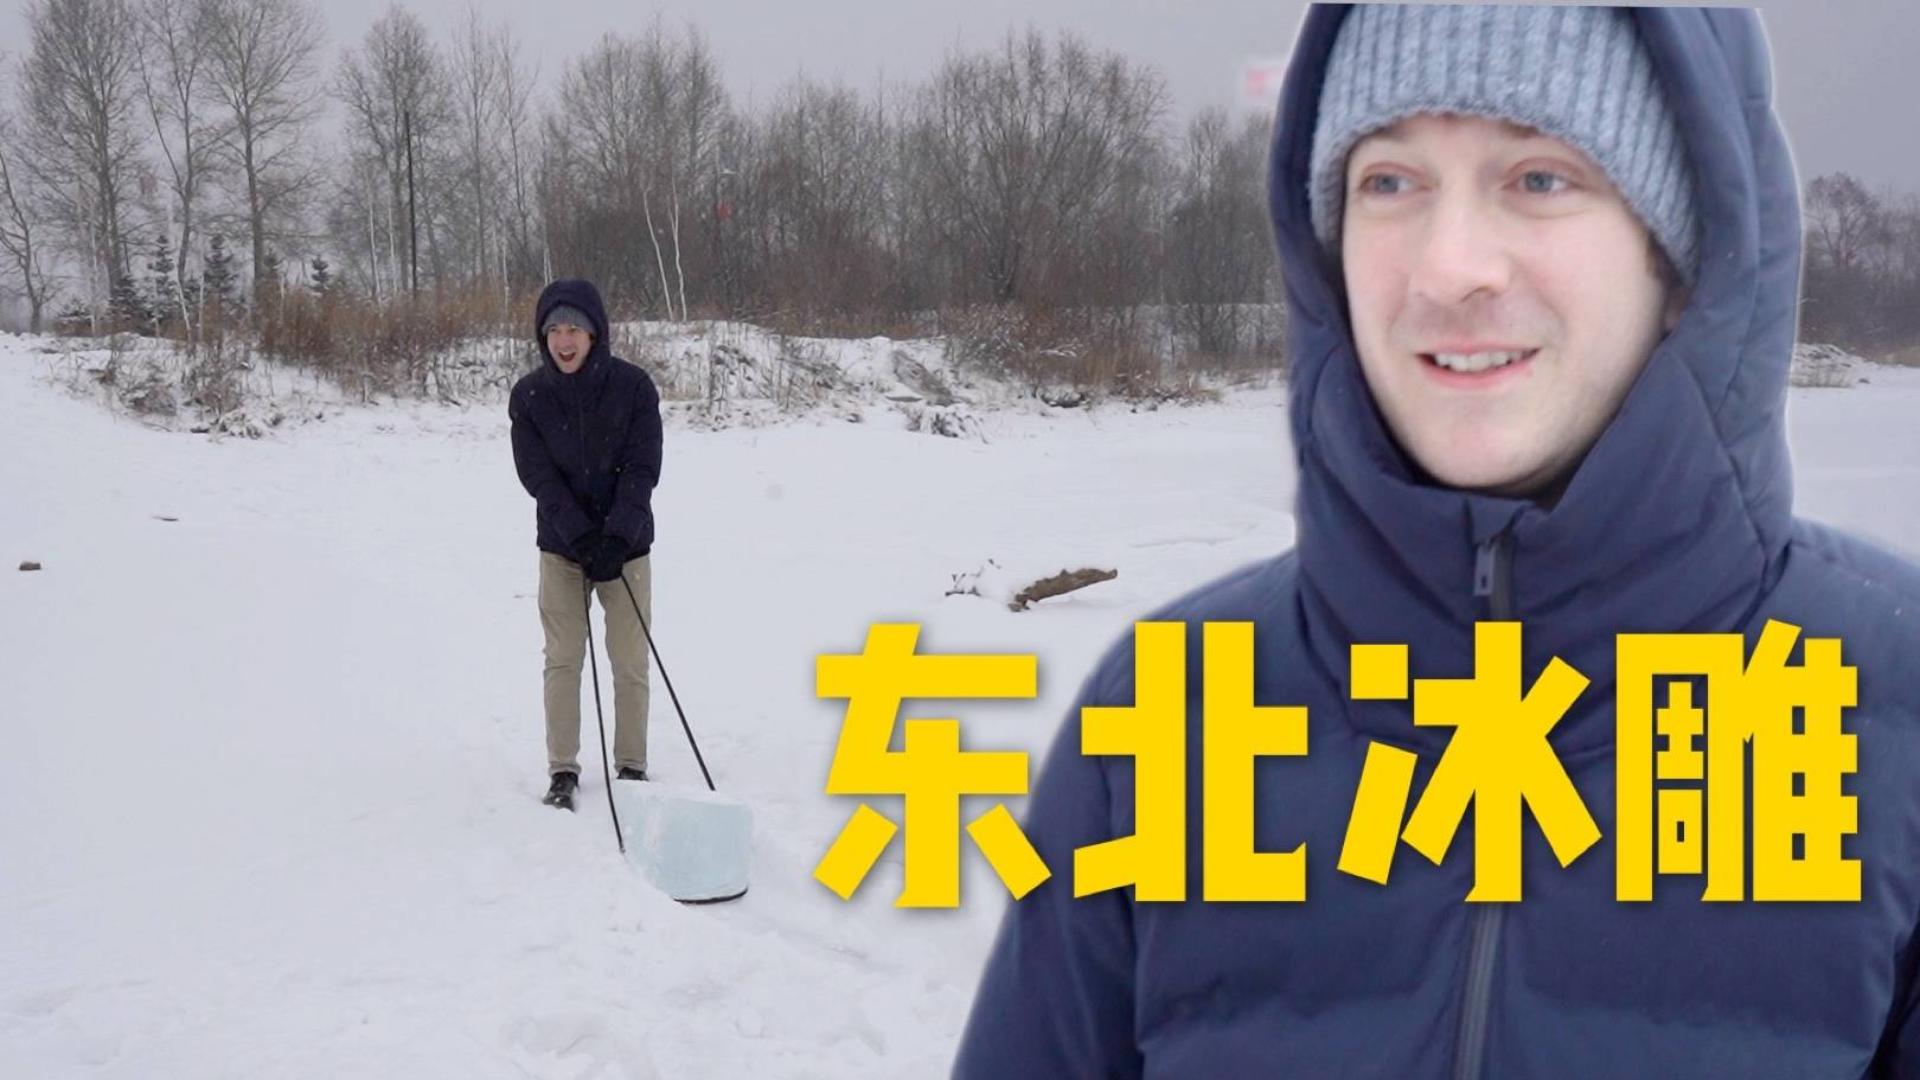 老美在零下14度的加格达奇,第一次挑战做冰雕,能成功吗?